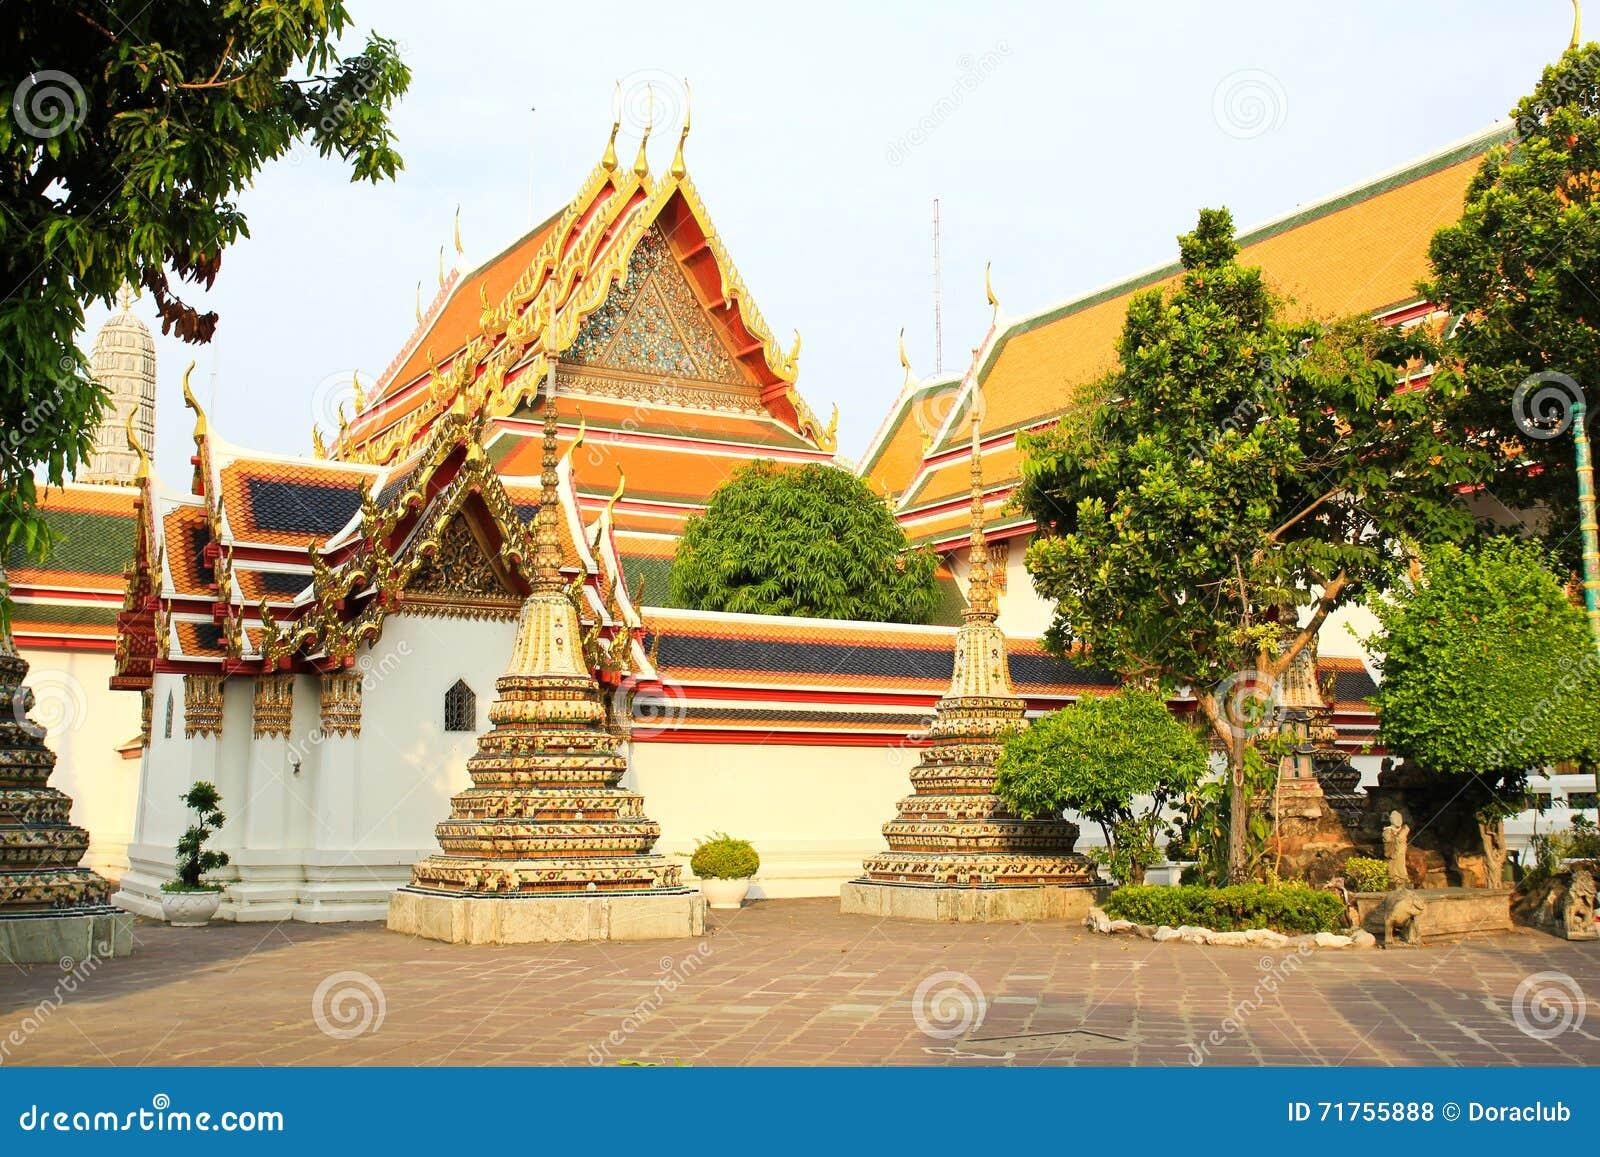 ταϊλανδικό wat pho αρχιτεκτονικής αυθεντικό